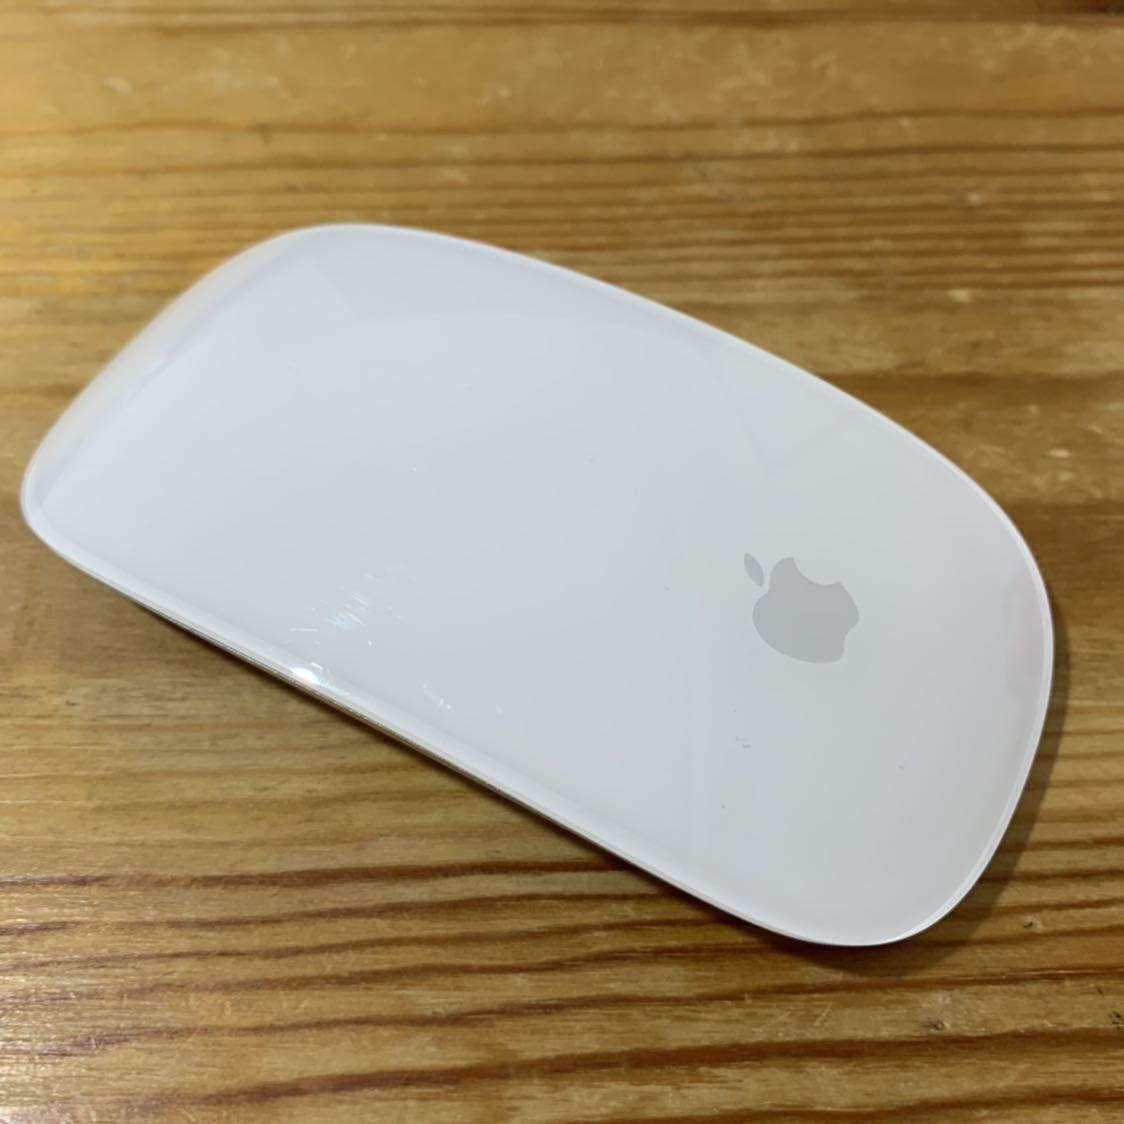 極美品 Apple magic mouse2 A1657 送料無料 マウス _画像2